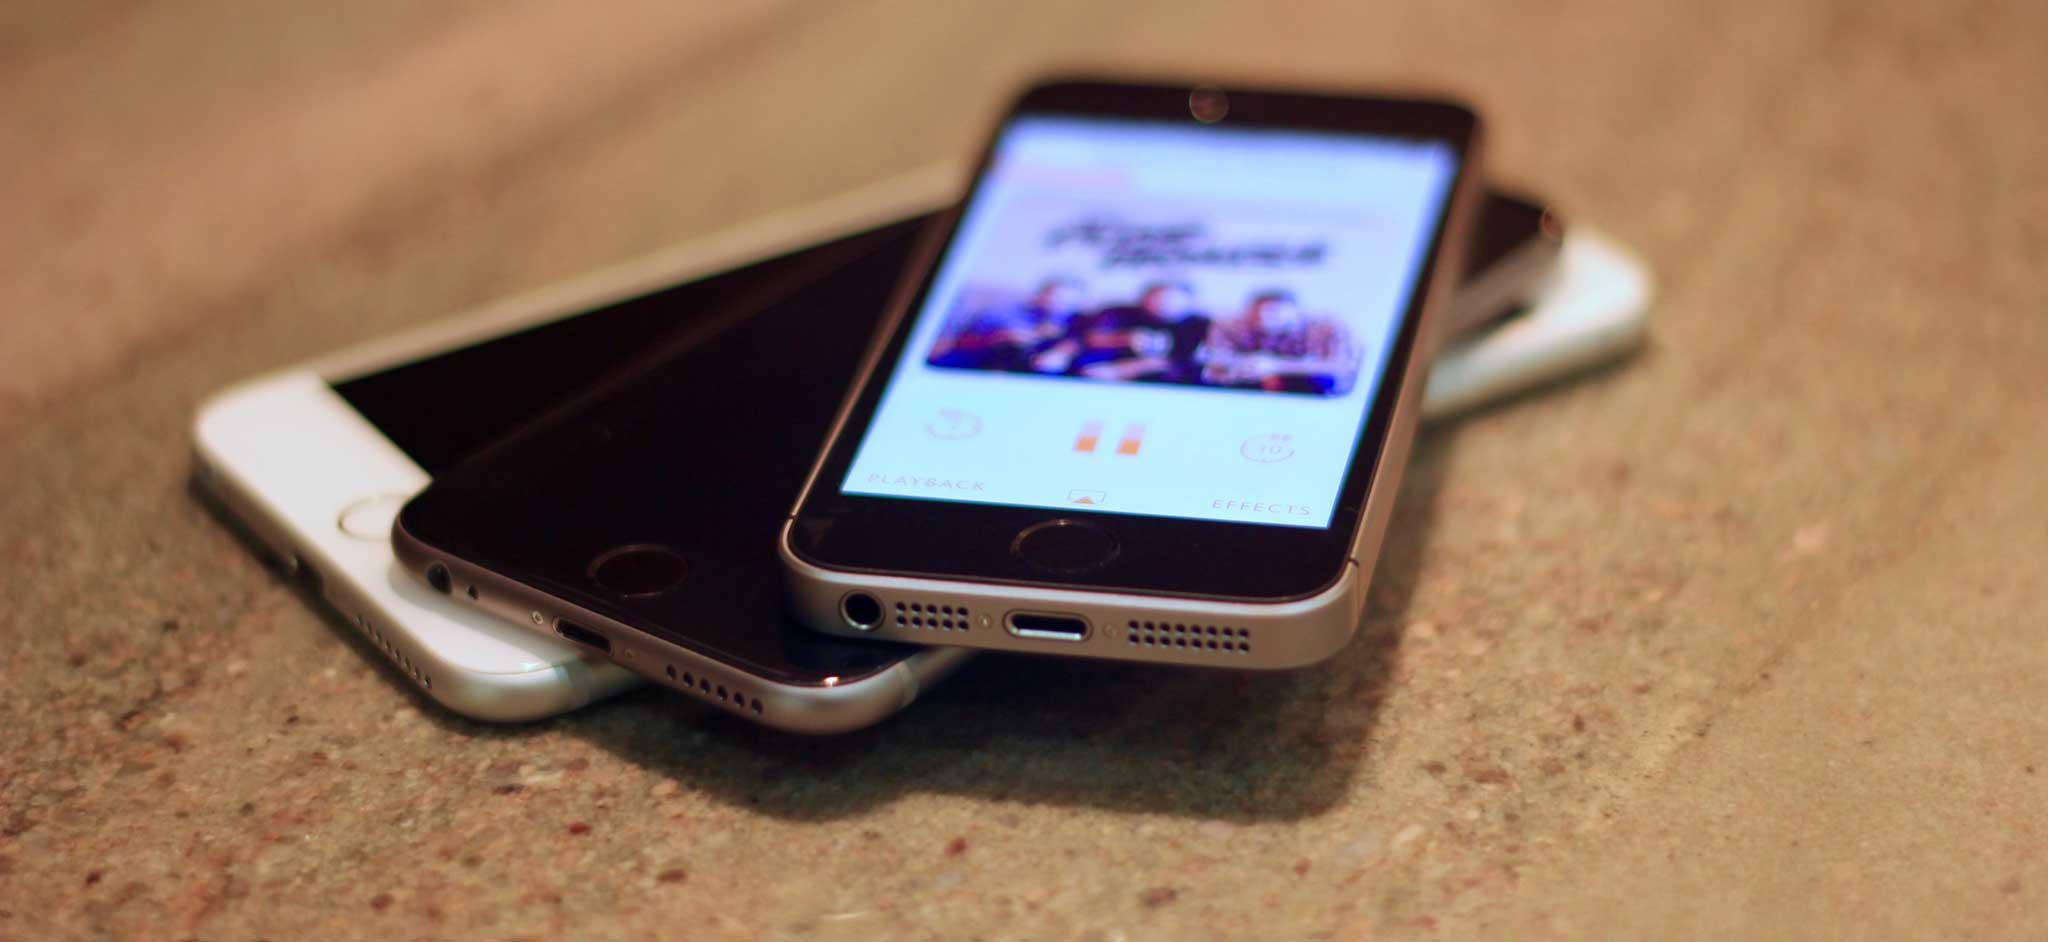 iphone se stack bleed - Opať sa hovorilo o iPhone SE druhej generácie